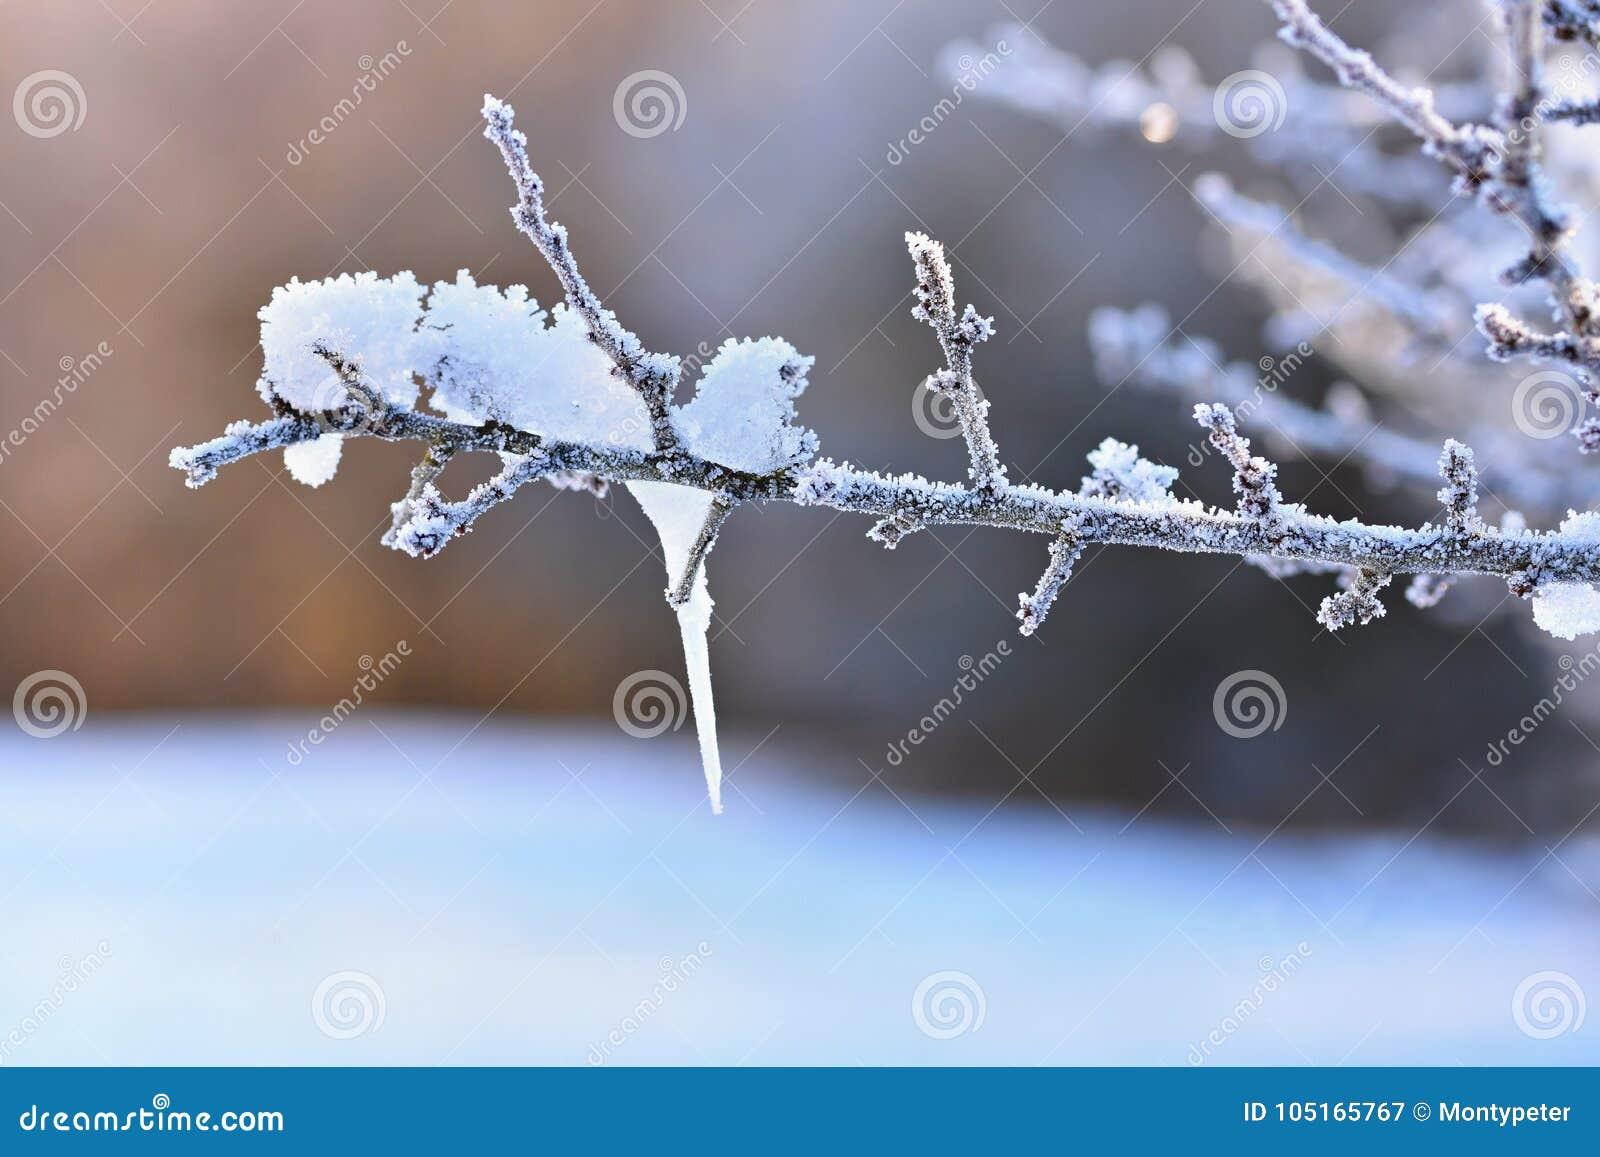 Mróz i śnieg na gałąź Pięknej zimy sezonowy tło Fotografia zamarznięta natura